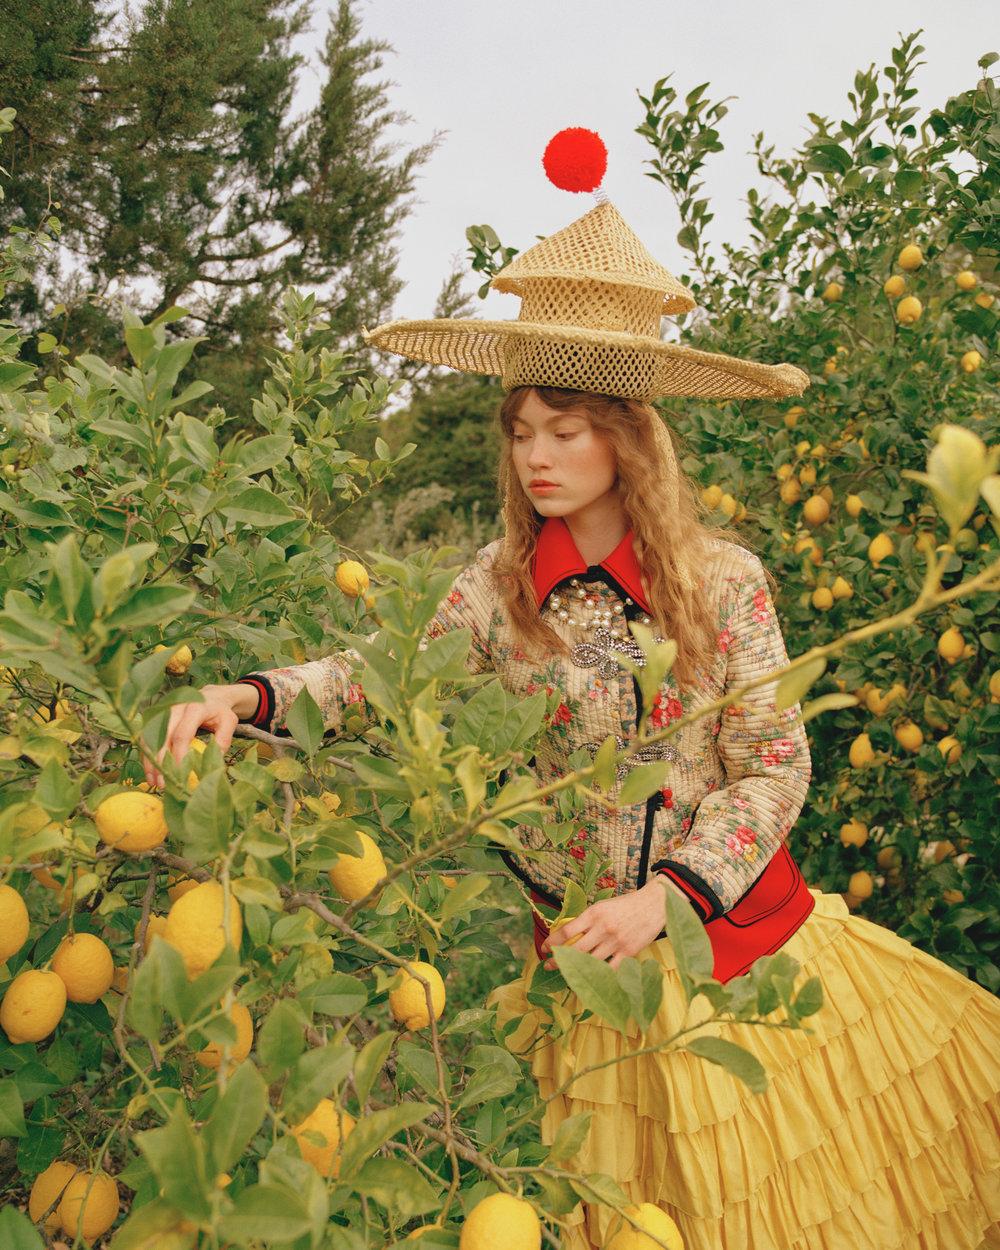 Vogue Italia (4 of 10).JPG